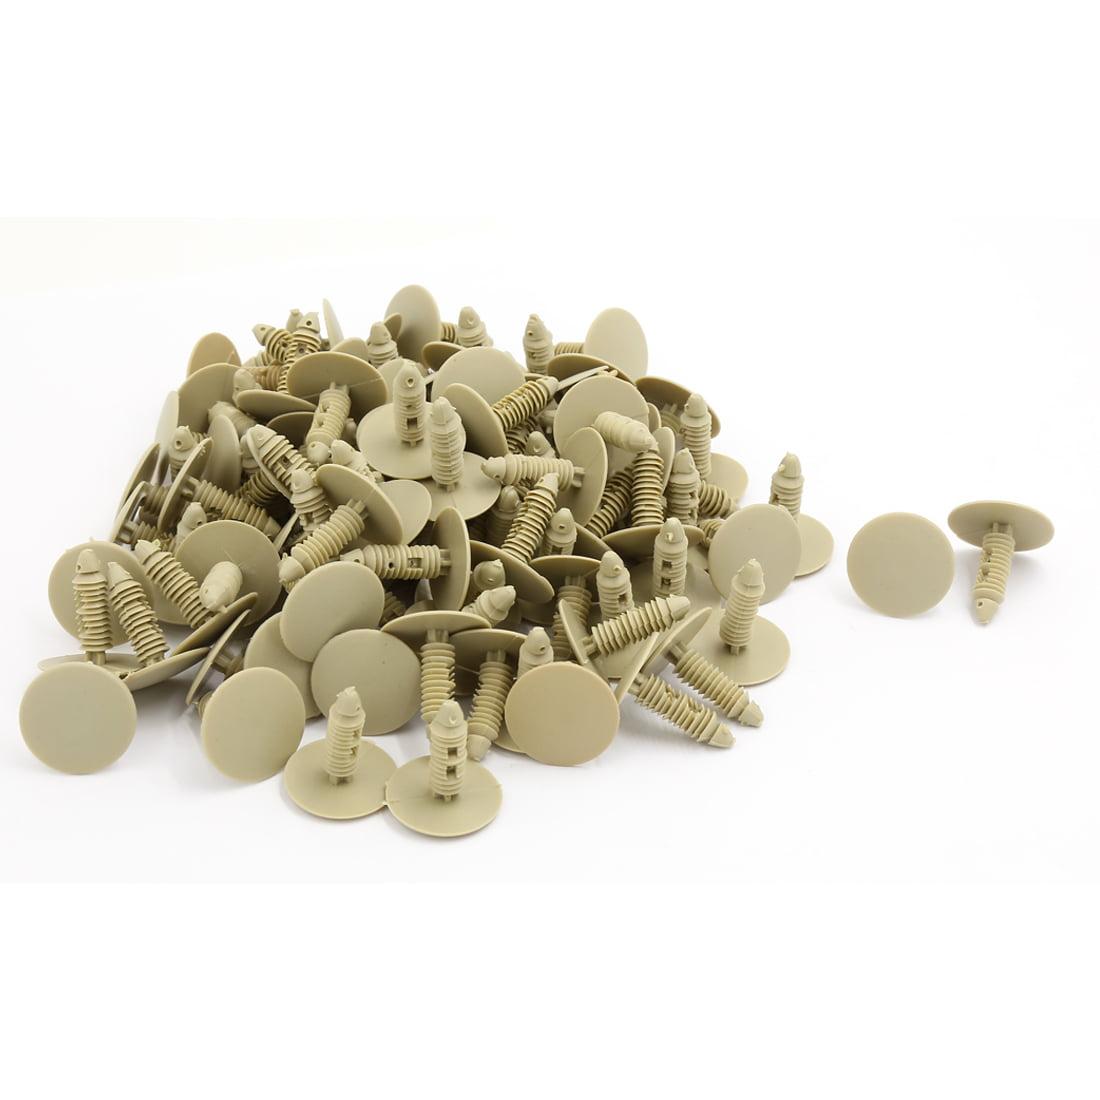 25mm Head 7.5mm Hole Khaki Plastic Splash Guard Moulding Rivet Clips 100 PCS - image 1 de 1